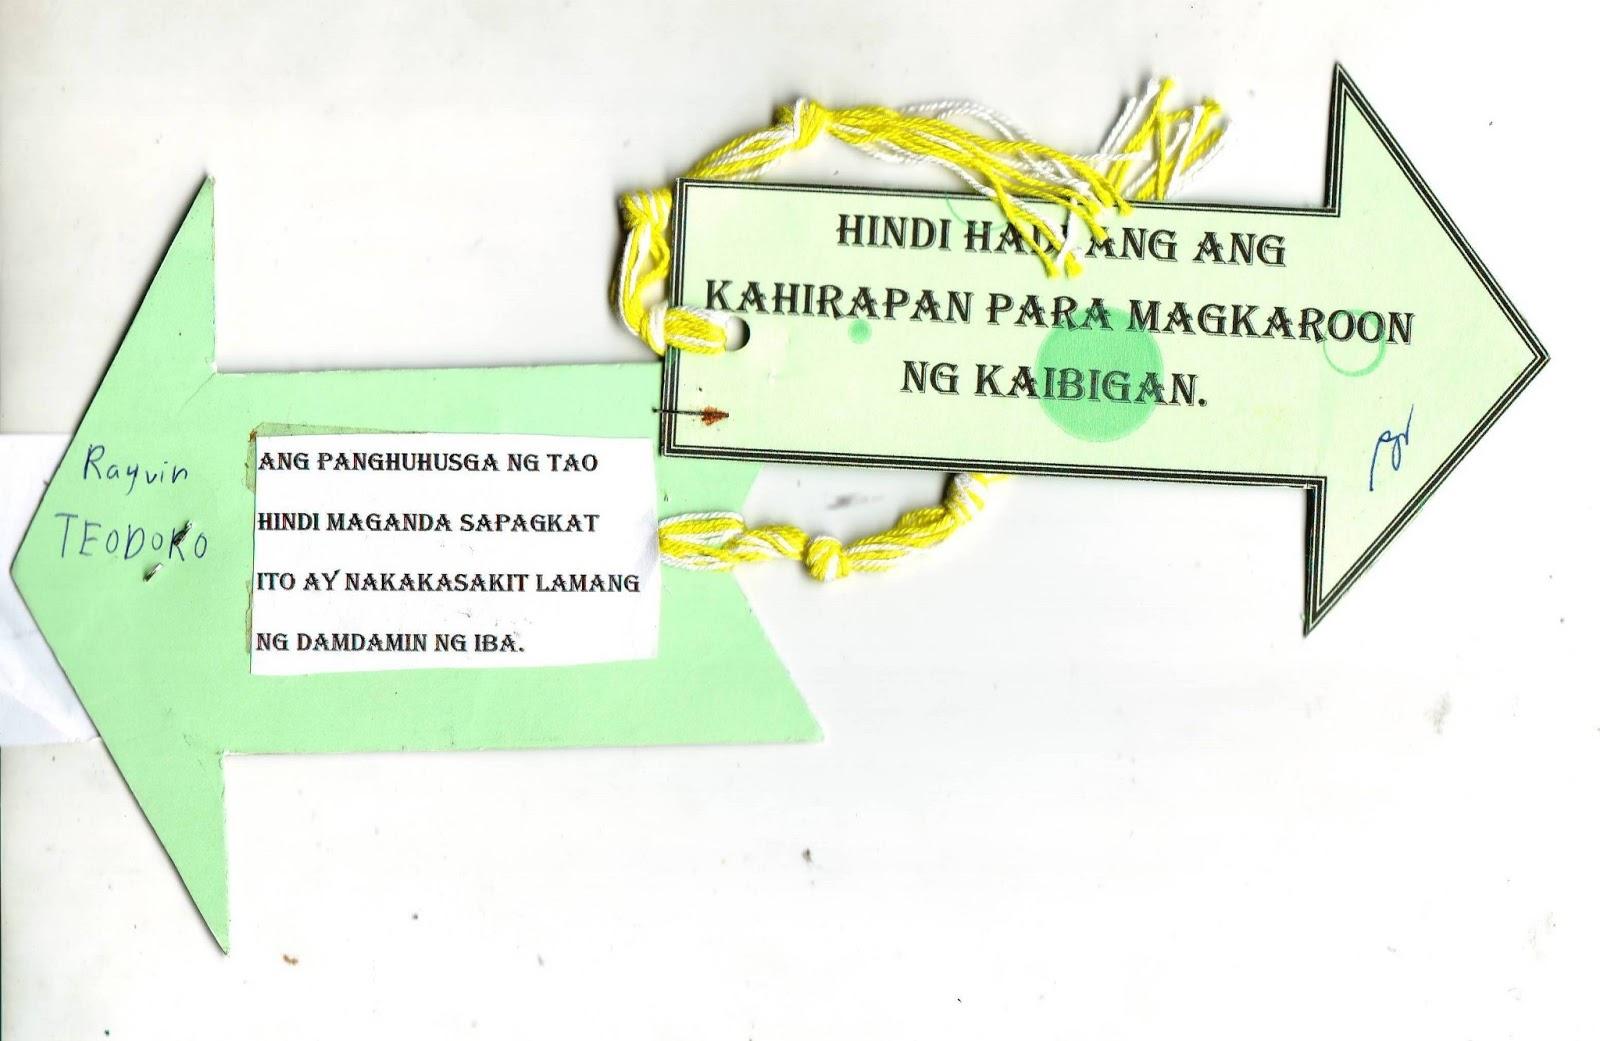 pagbabago nung ako ay bata pa at ngayong dalaga na Bata pa lamang sya ay pang dalaga na ang  hindi ako makakauwi ngayong gabi kasi kelangan  nung gabing iyon at minsan pa ay sabay.